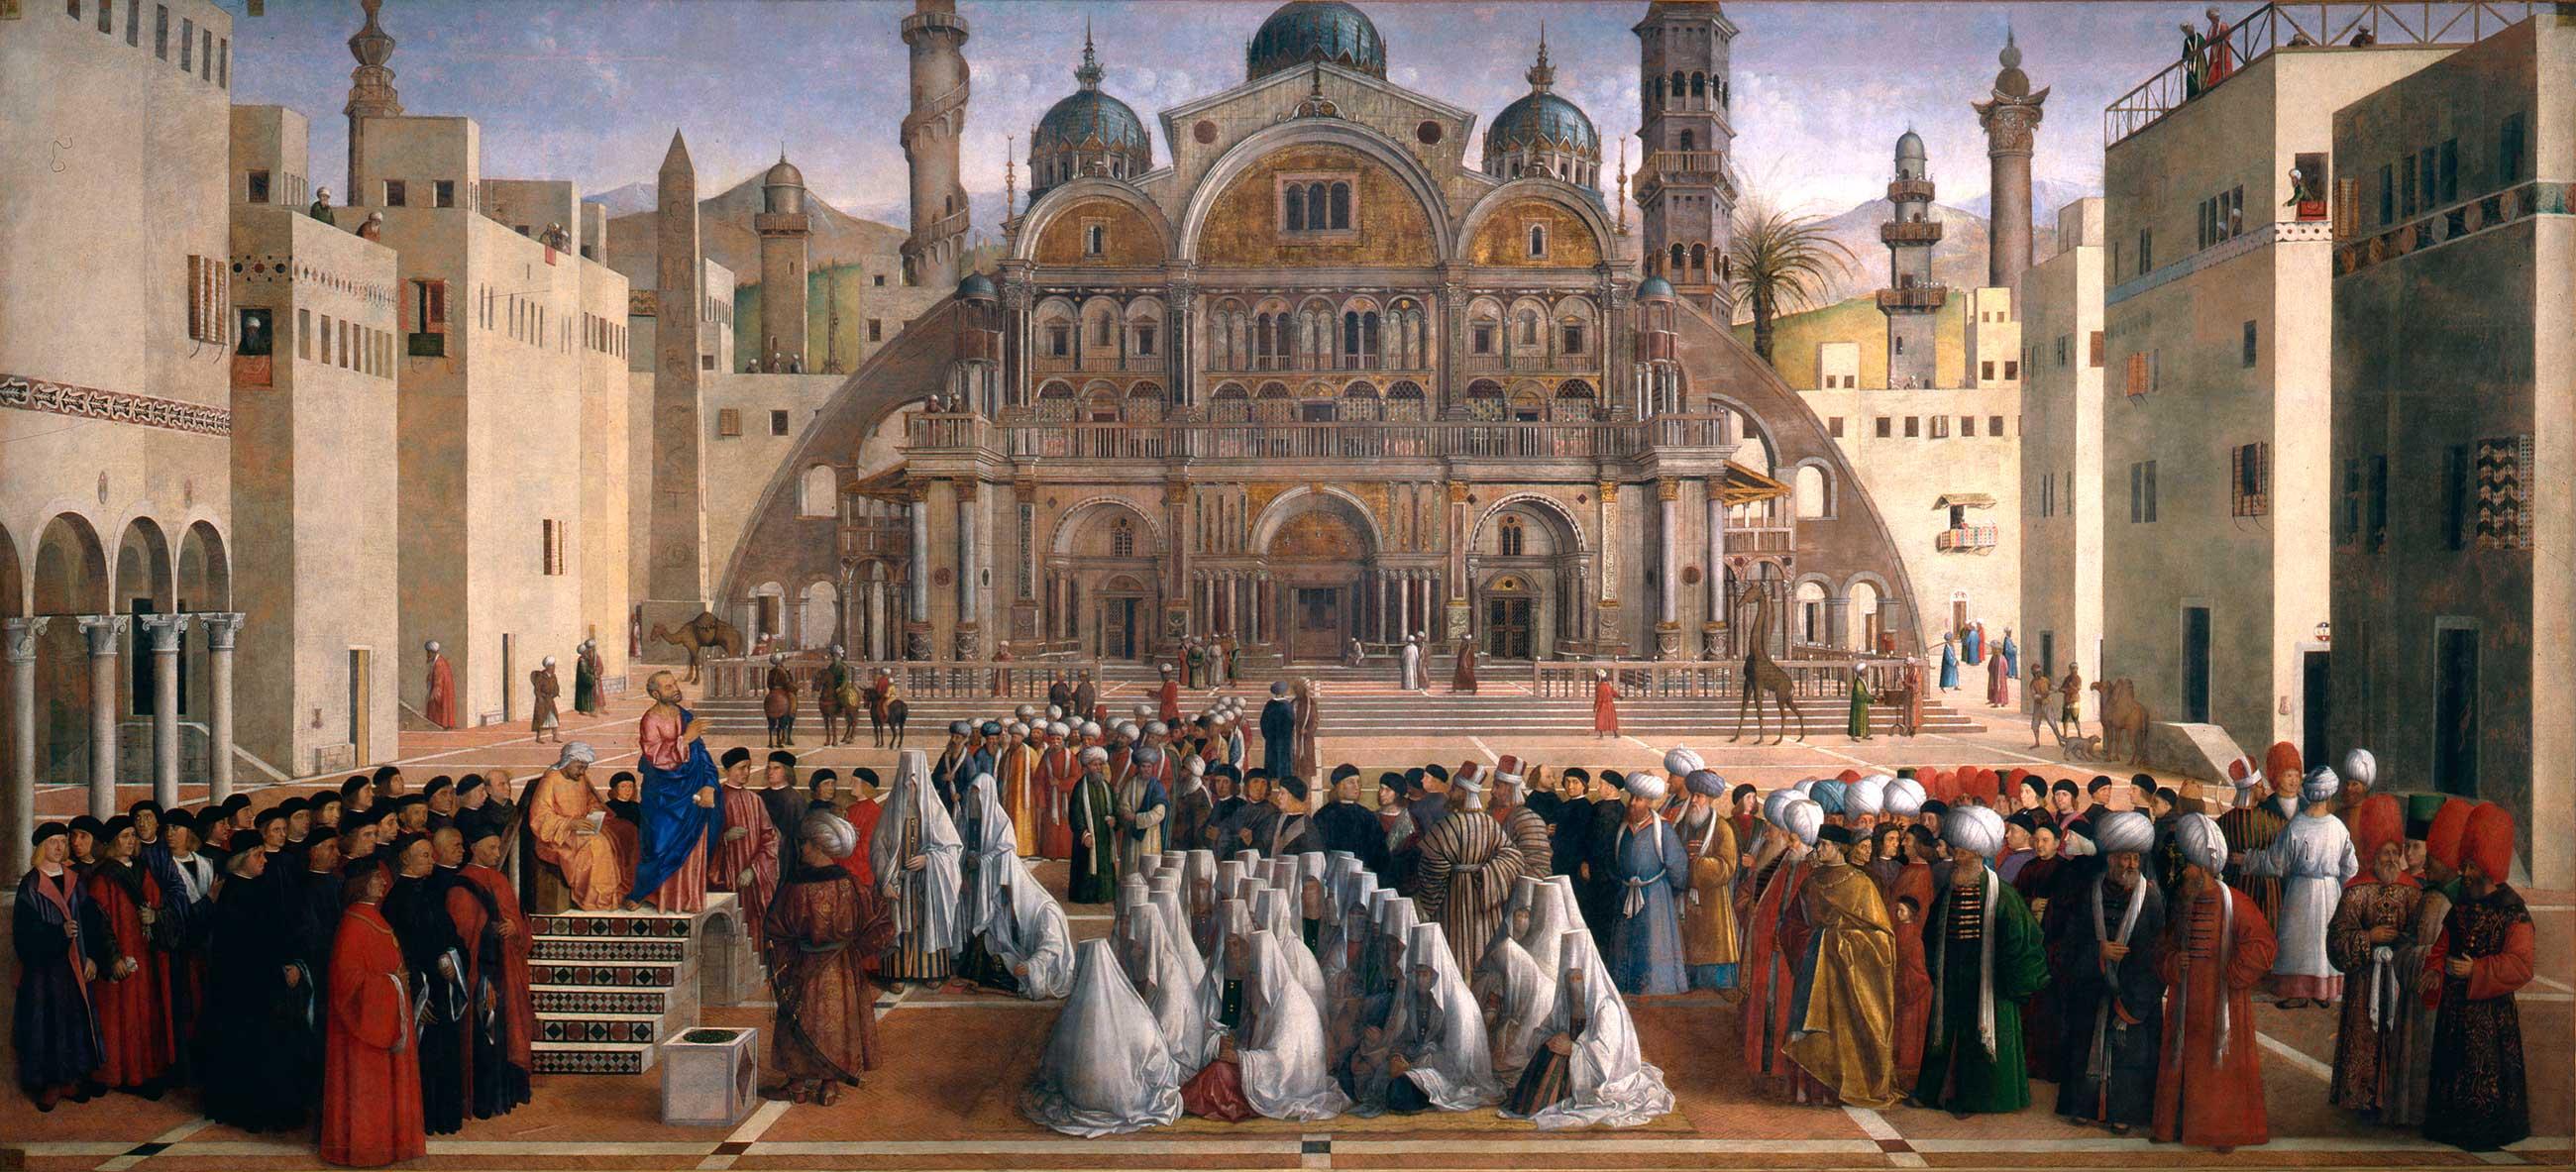 Gentile e Giovanni Bellini, Predica di san Marco ad Alessandria, 1504-1507. Public Domain, via Wikimedia Commons